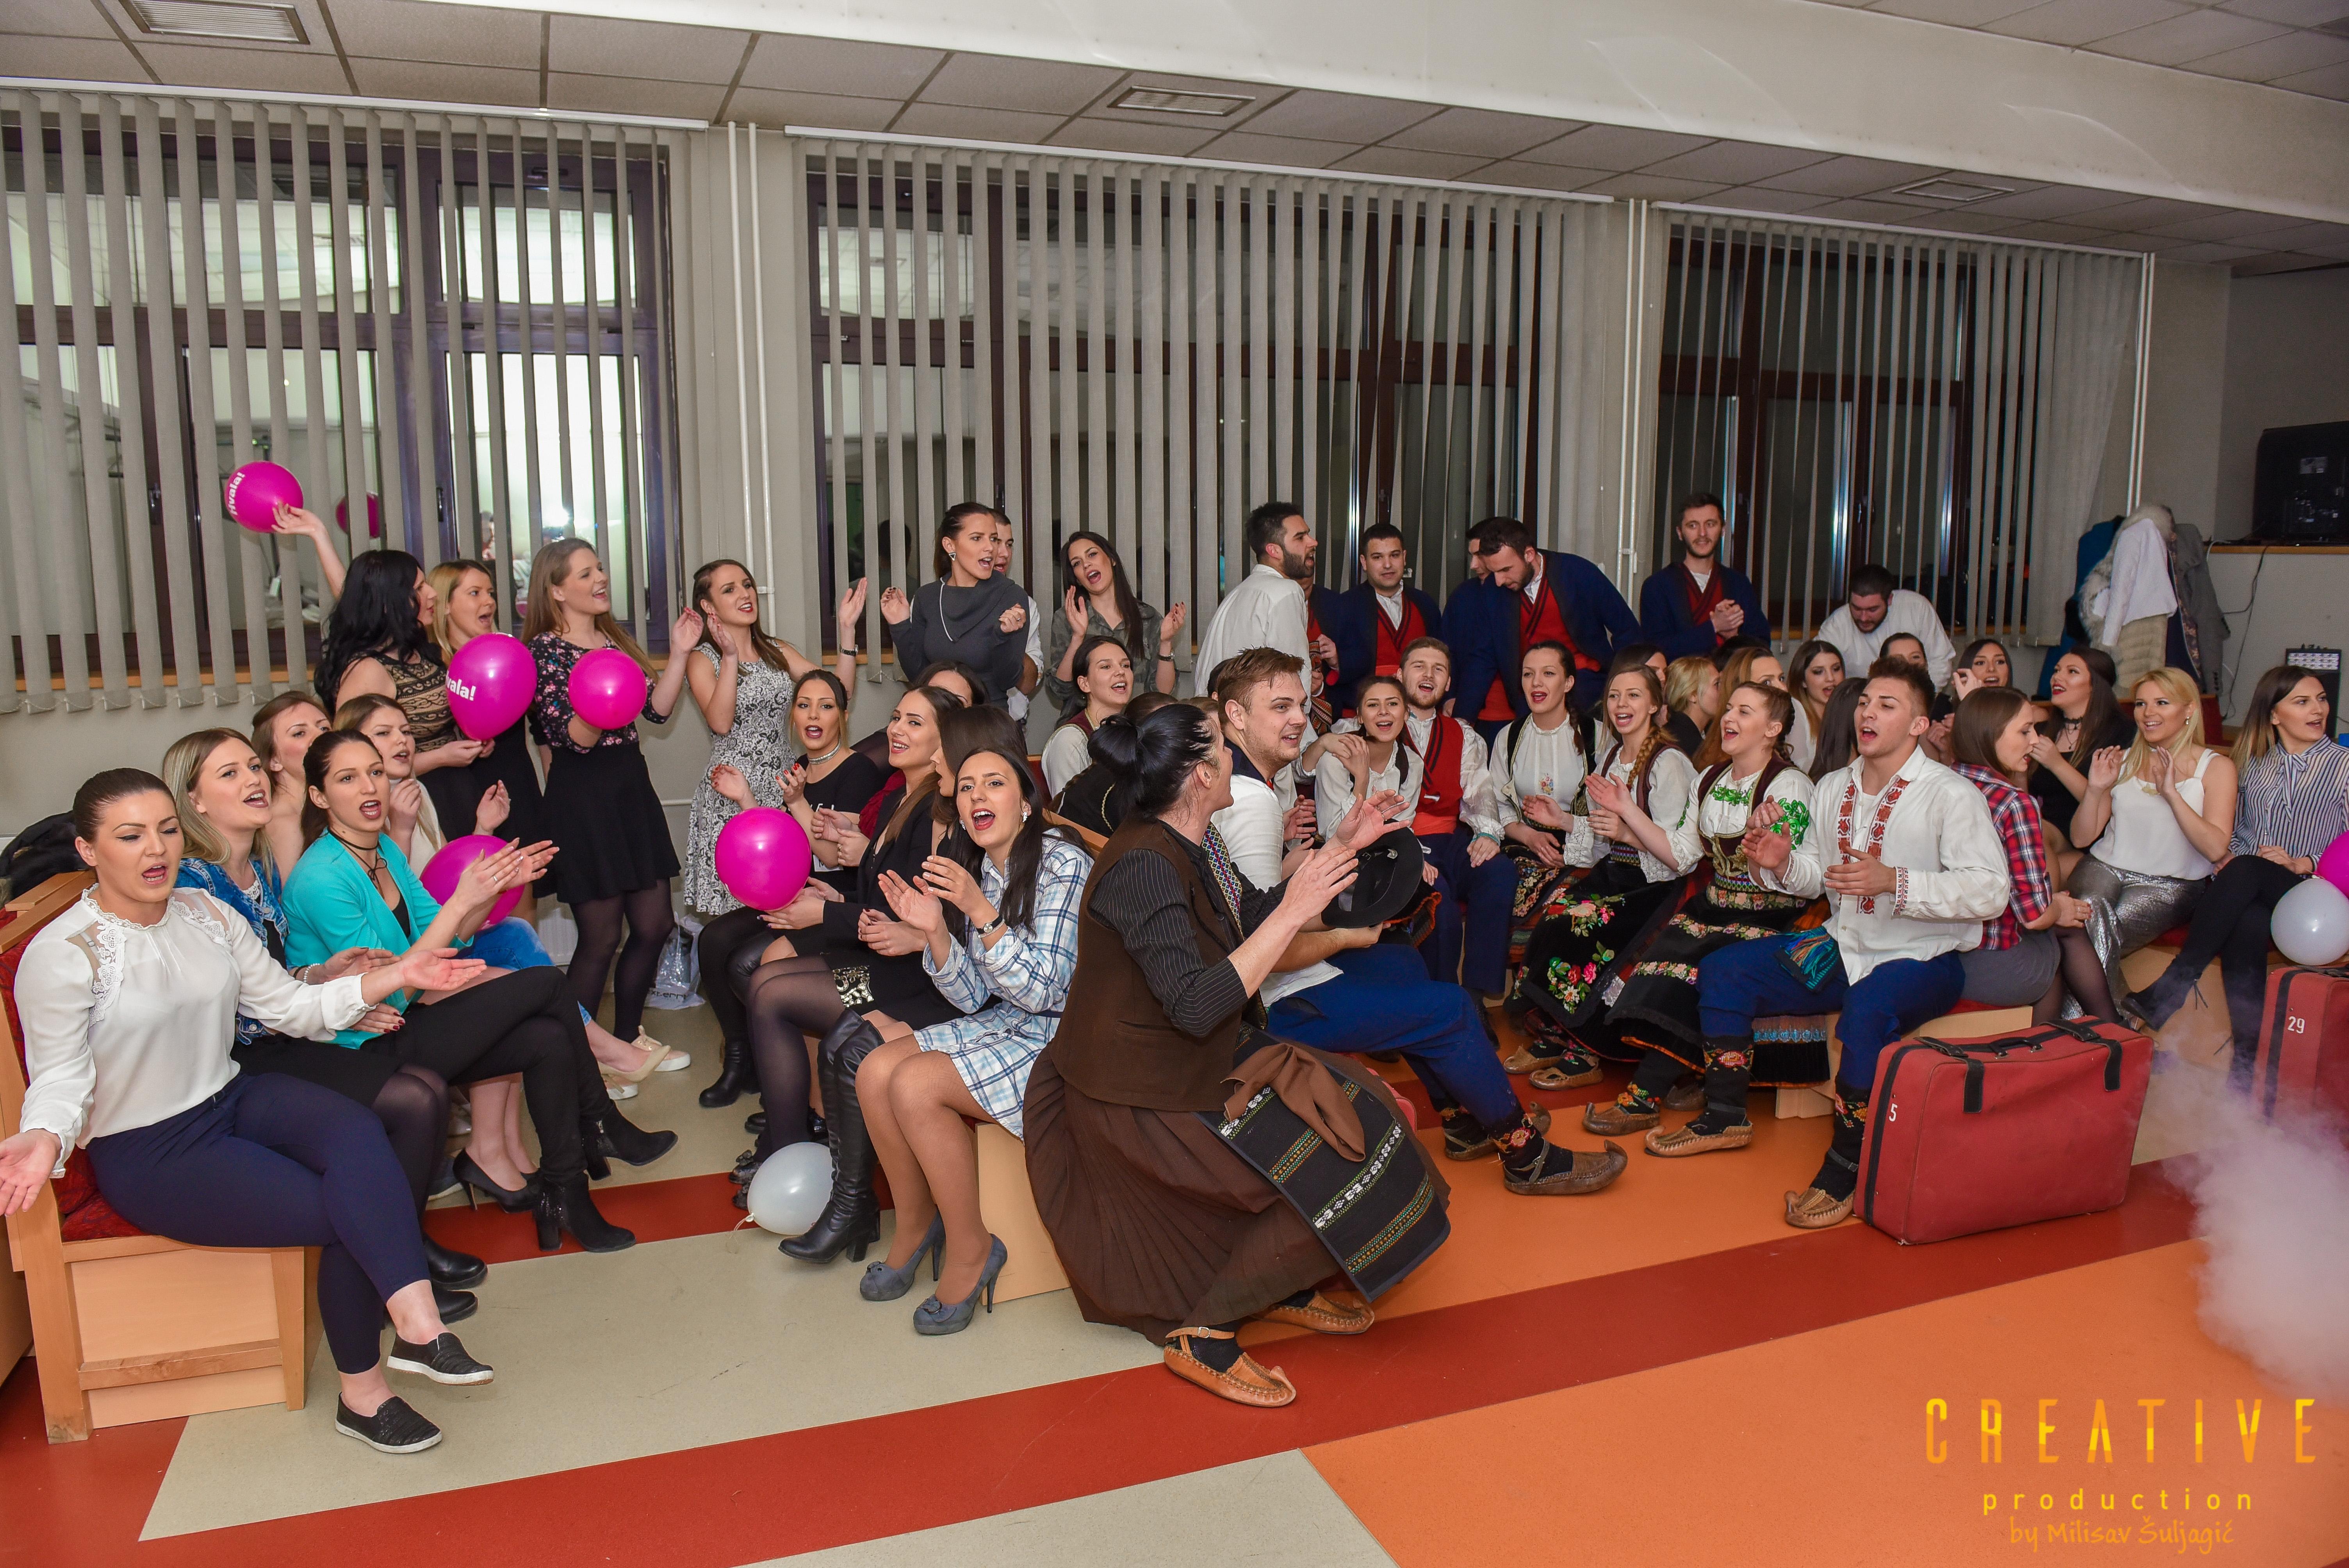 Studenti Učiteljskog fakulteta spremni su da se uskoro poklone i publici u Republici Srpskoj Foto--Milisav Šuljagić- Creative production